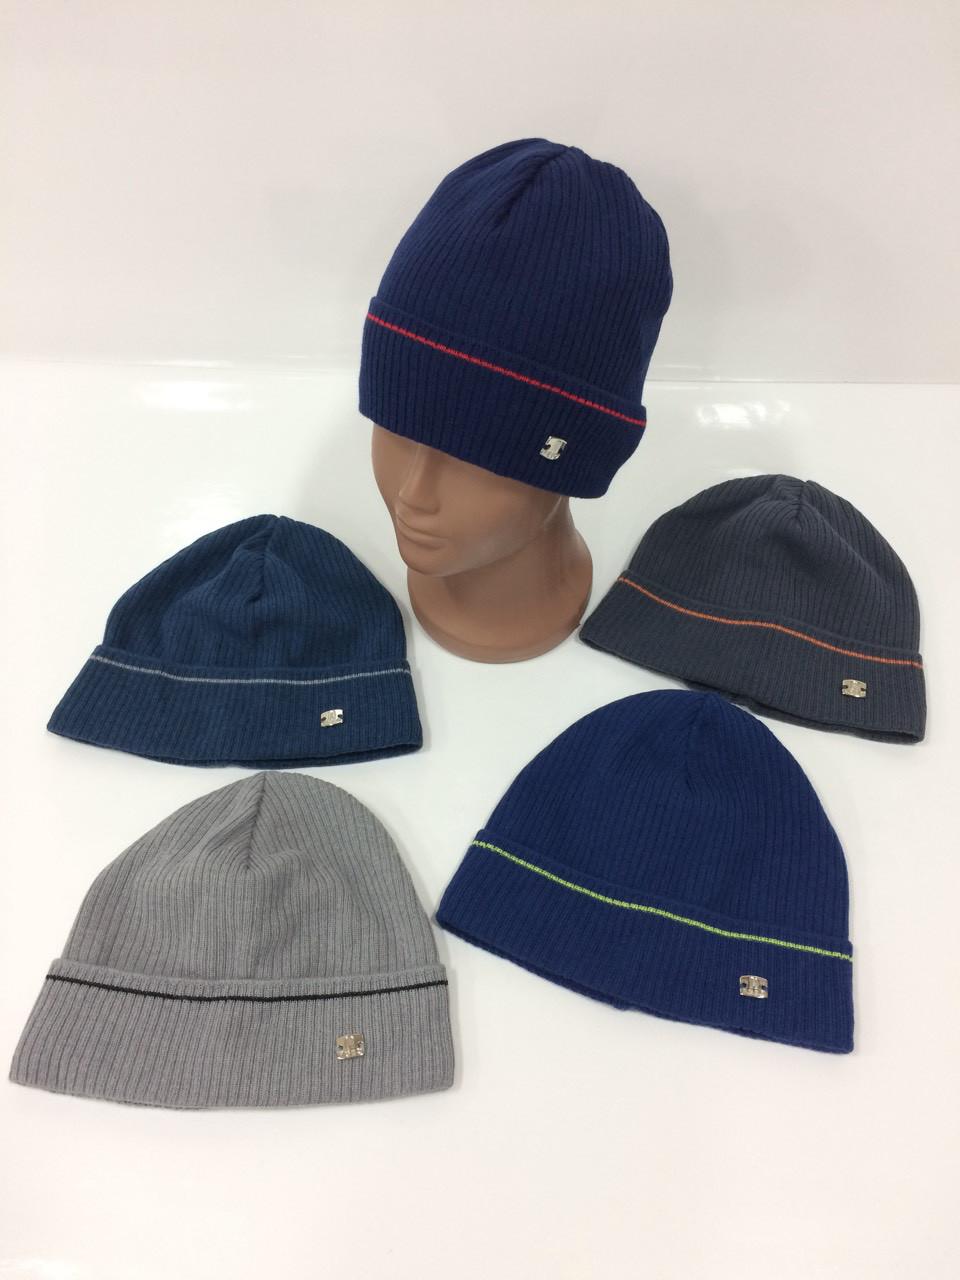 Купить Детские вязаные шапки только оптом для мальчиков b9b635a1367e2